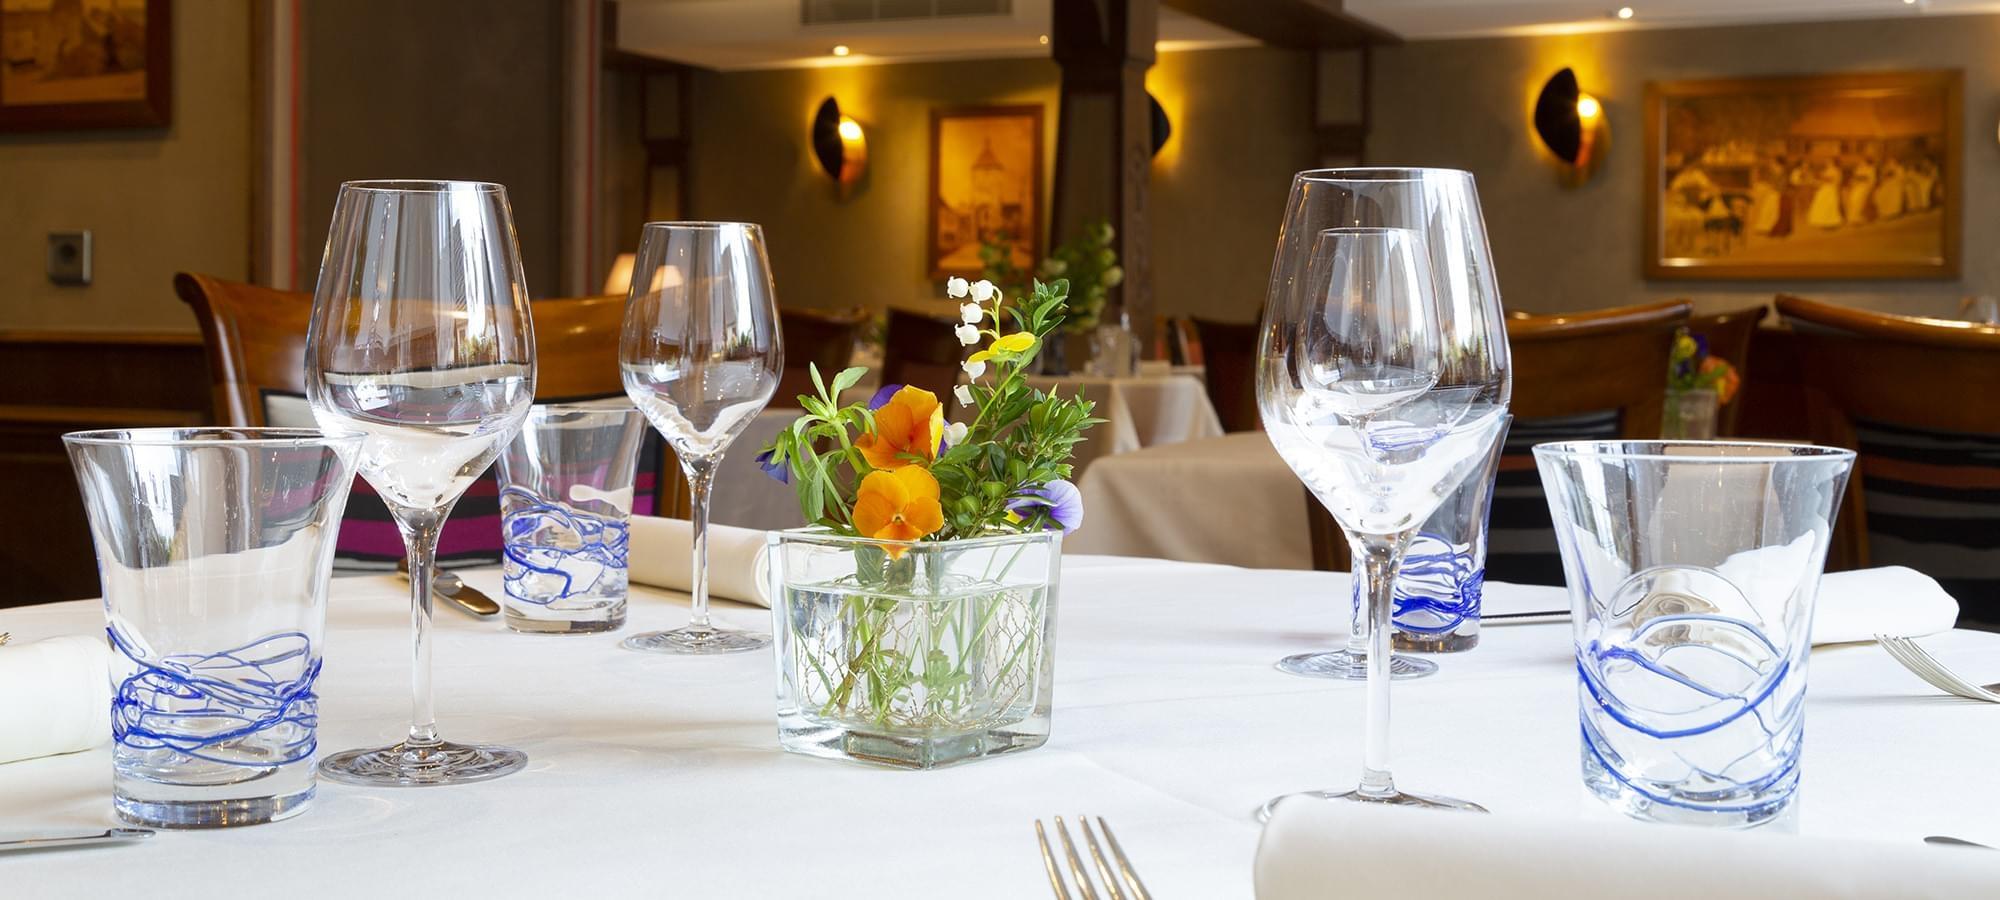 Hôtel Restaurant de l'Agneau